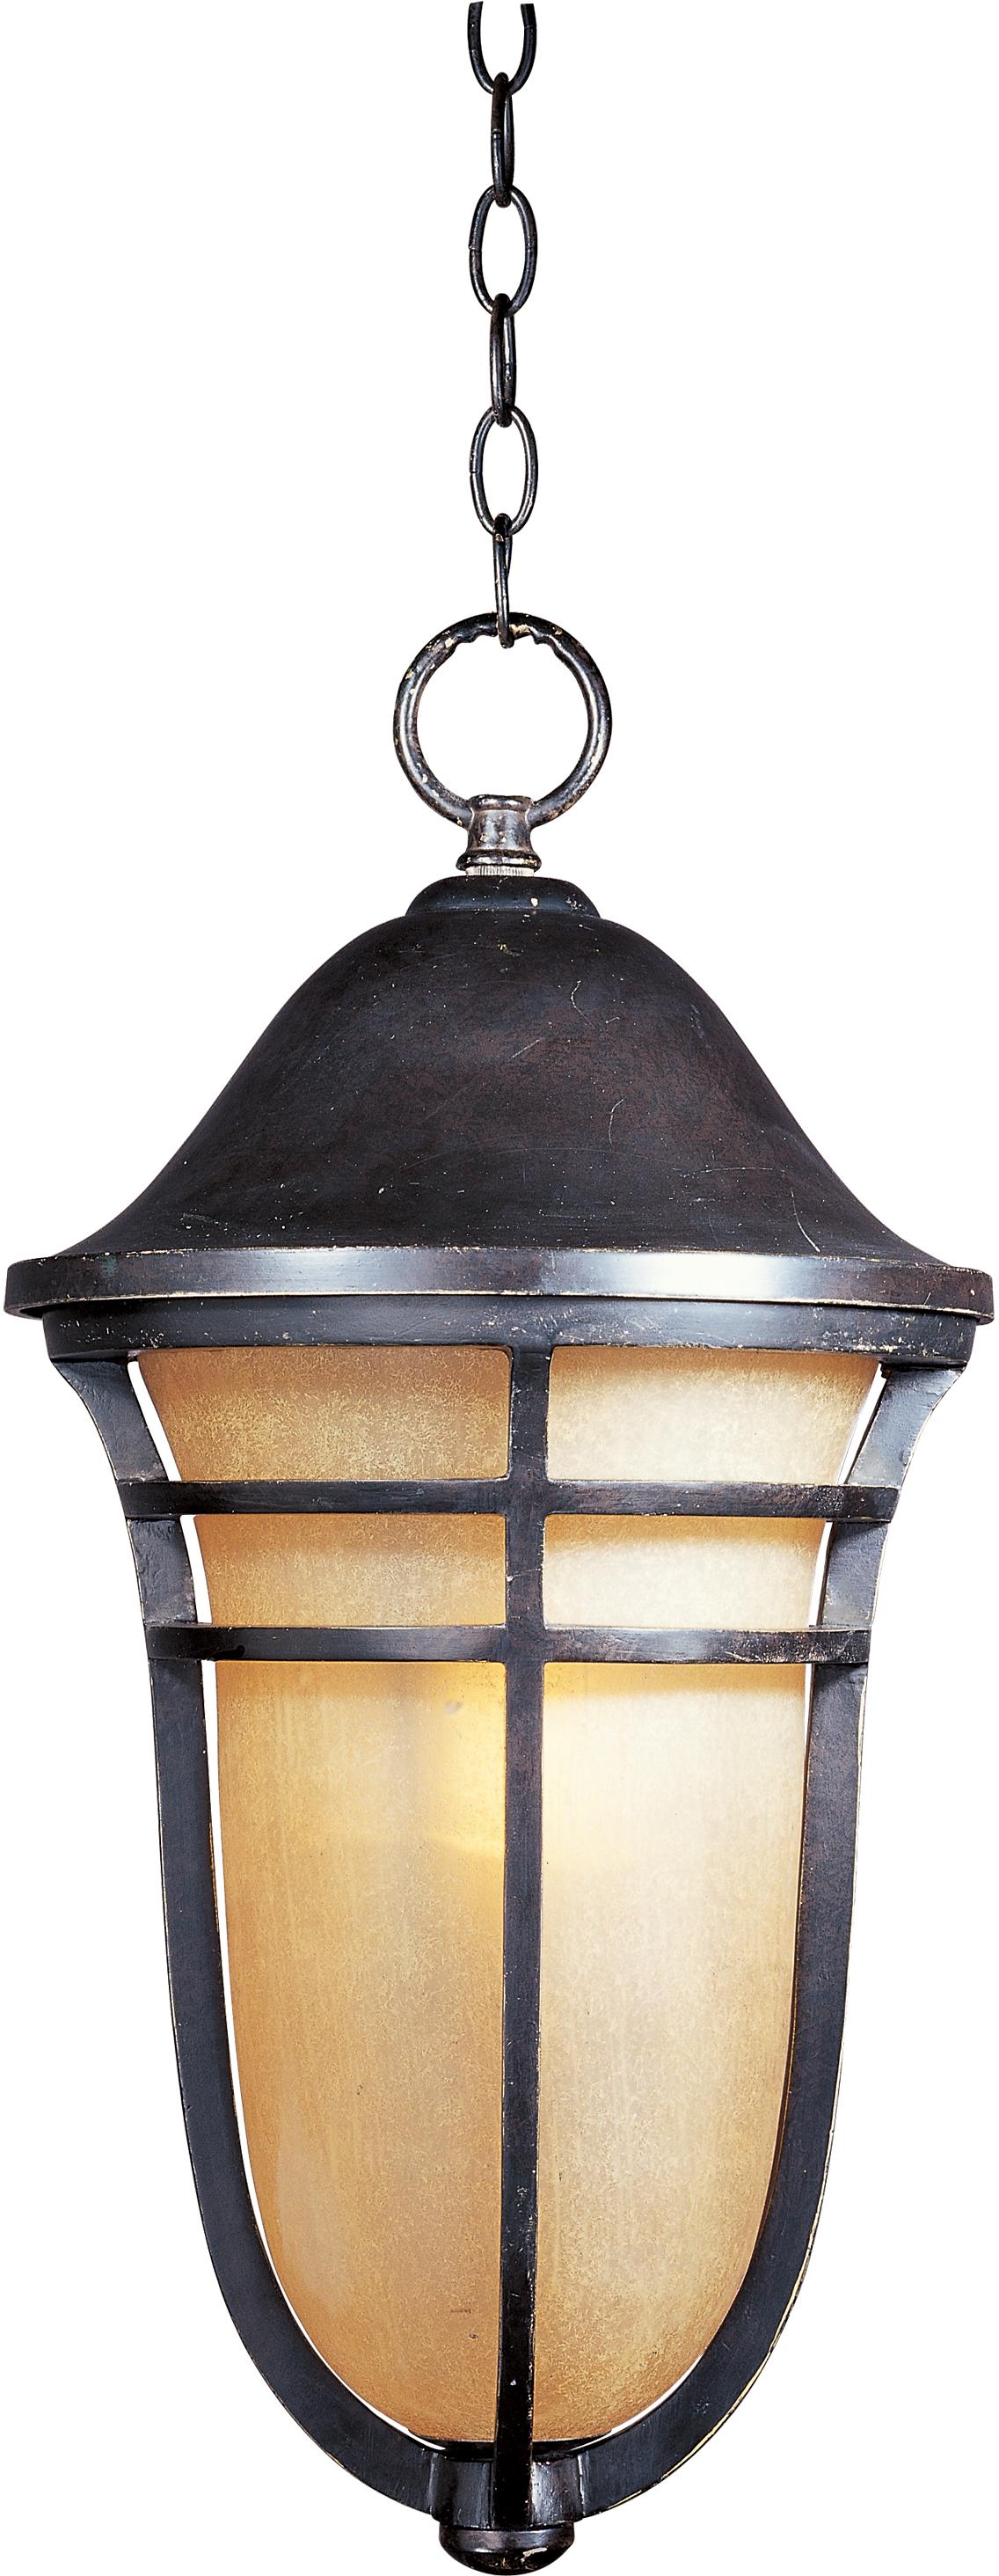 Westport Outdoor Lantern | Maxim Lighting